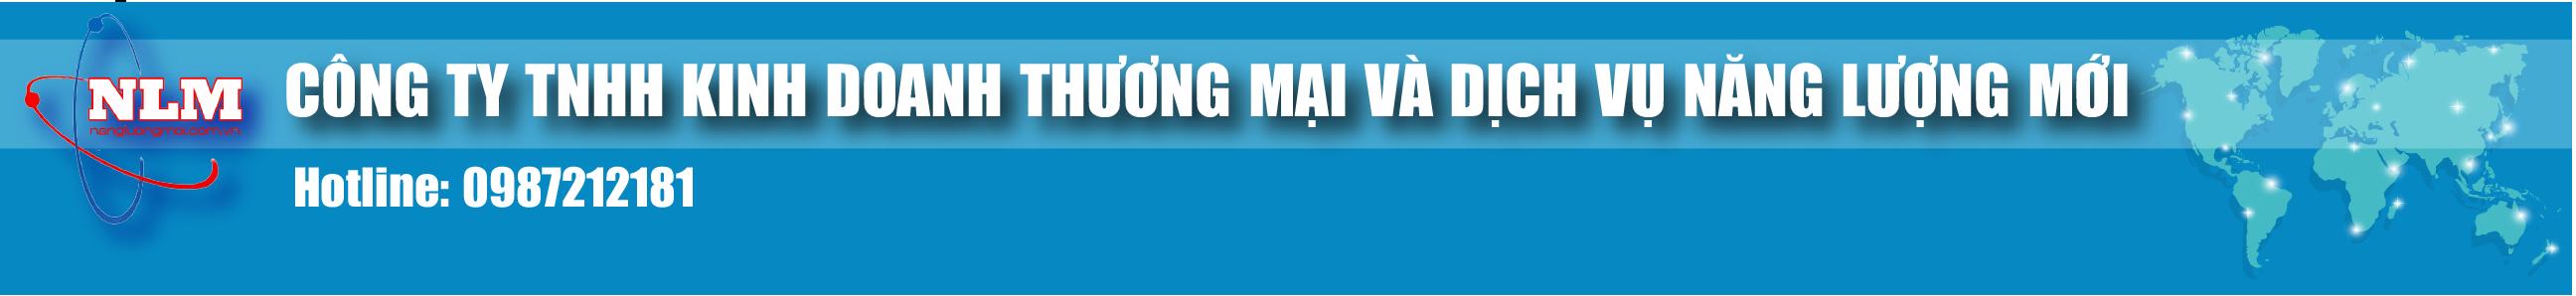 Công ty TNHH Kinh Doanh Thương Mại và Dịch Vụ Năng Lượng Mới